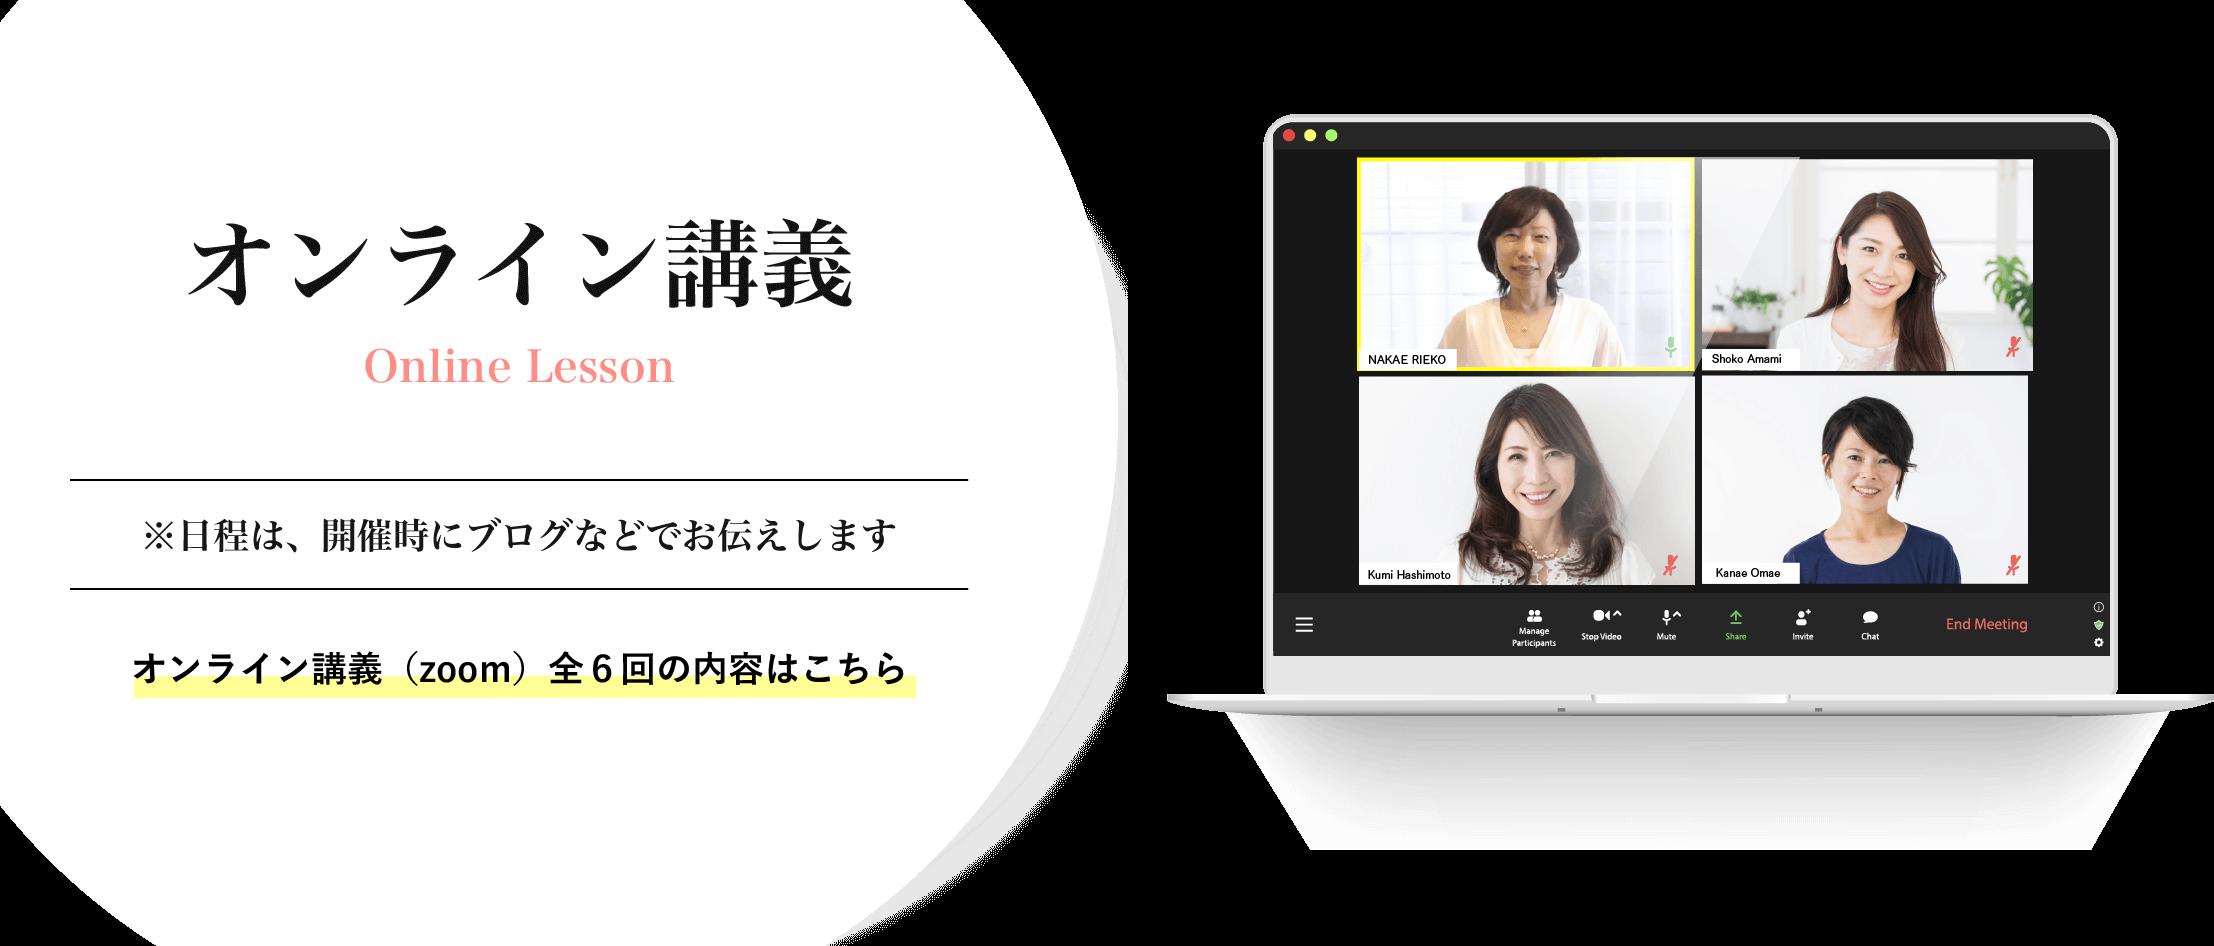 オンライン講義